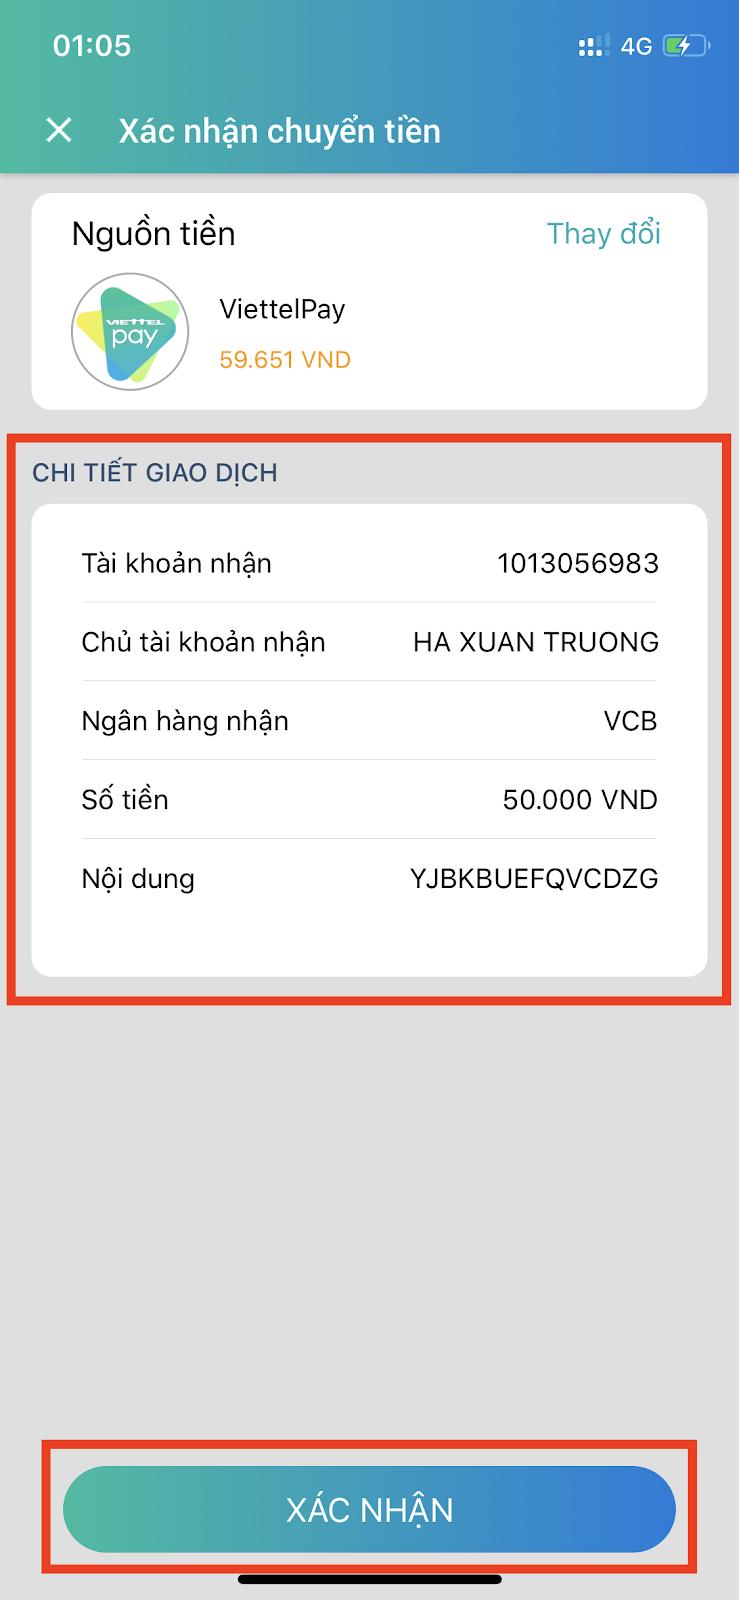 Chuyển tiền qua Viettel Pay